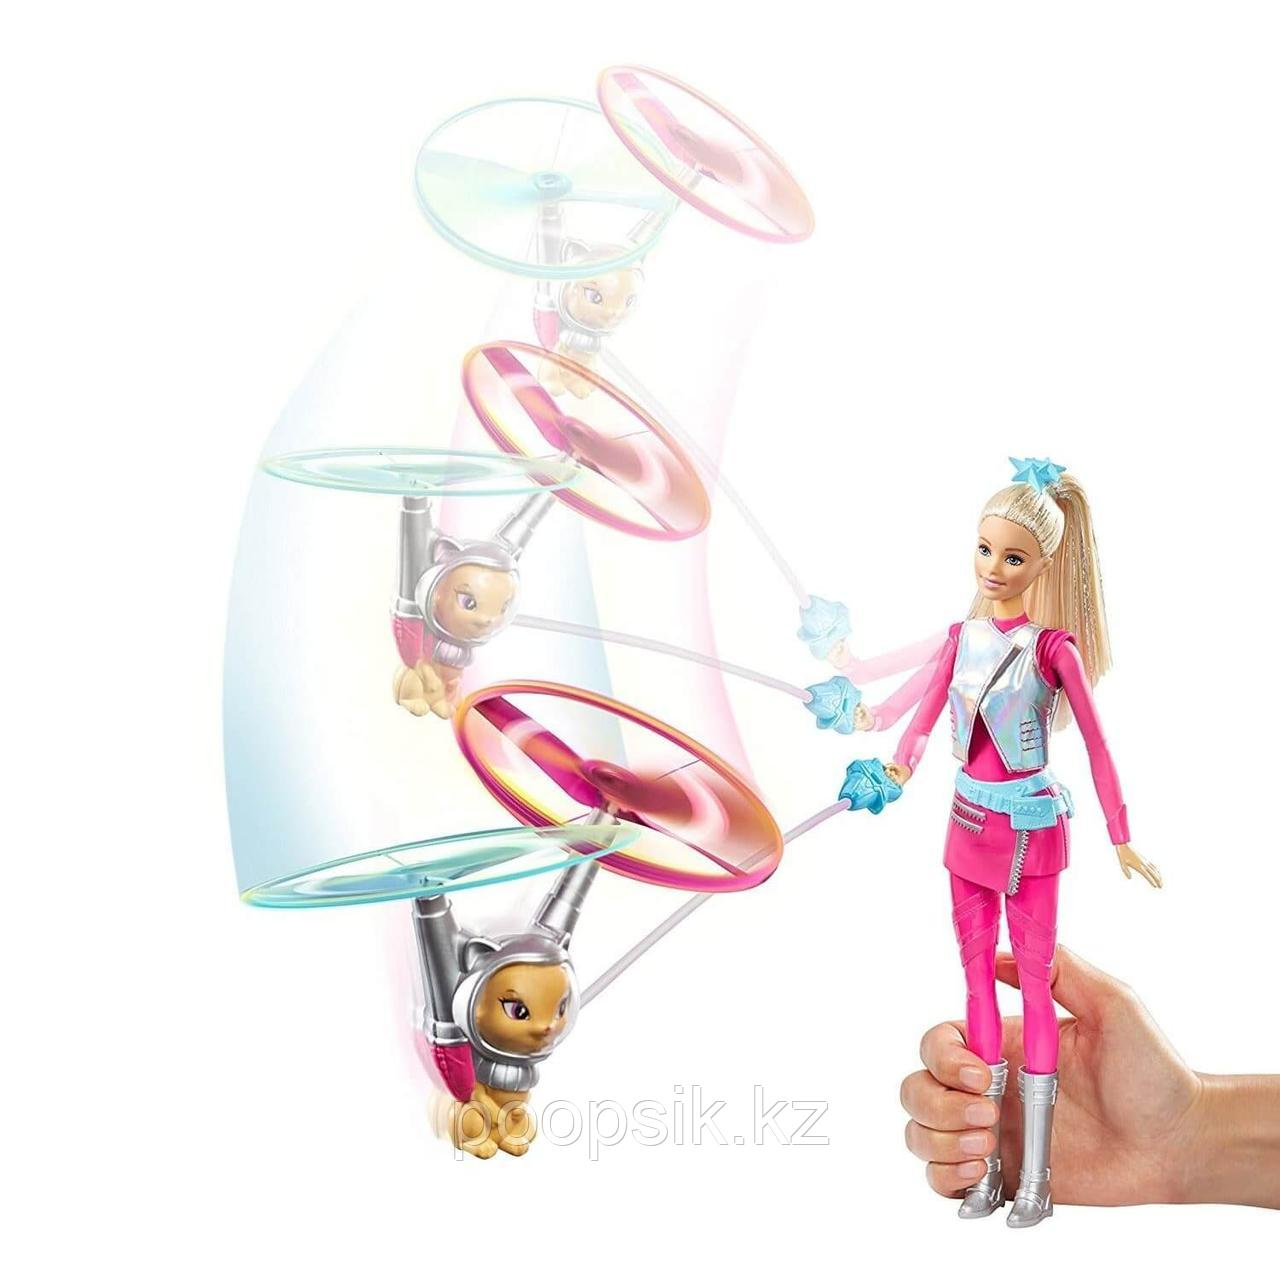 Барби с летающим питомцем Космическое приключение Barbie DWD24 - фото 5